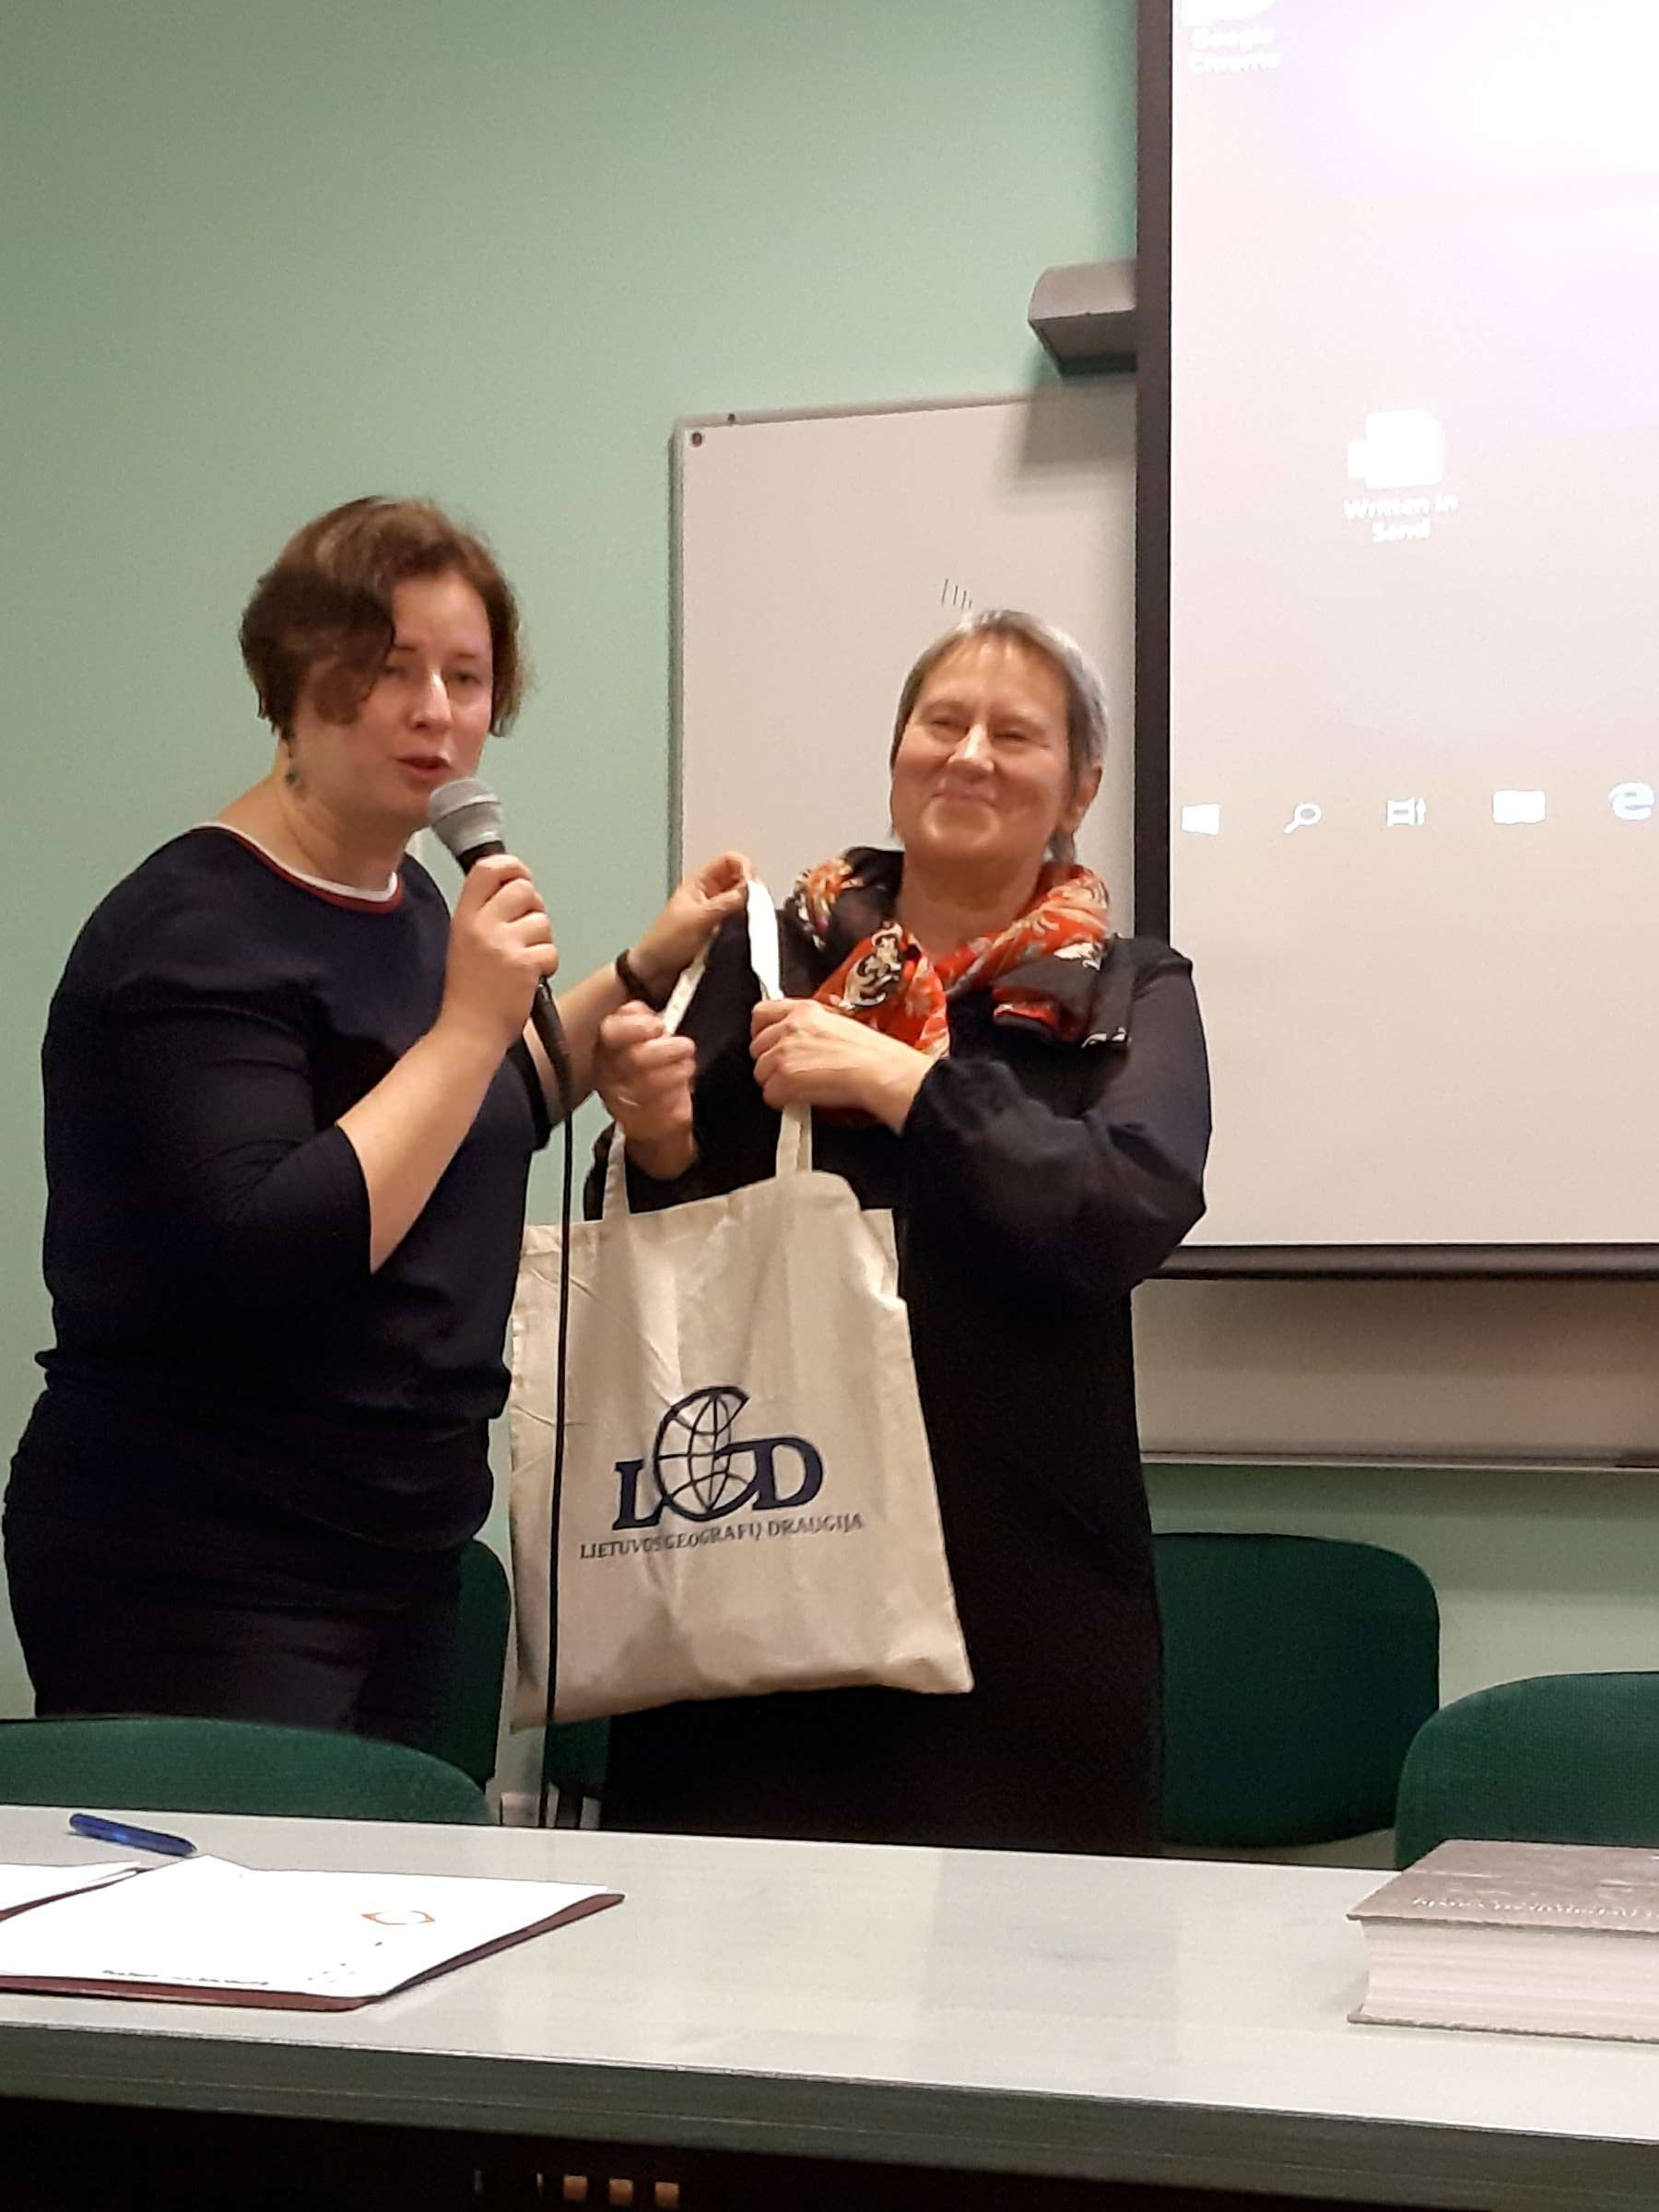 LGD viceprezidentė dr. G. Godienė, autorei dr. F. Kavoliutei įteikia geografų atminimo dovanas V. Jocio nuotr.